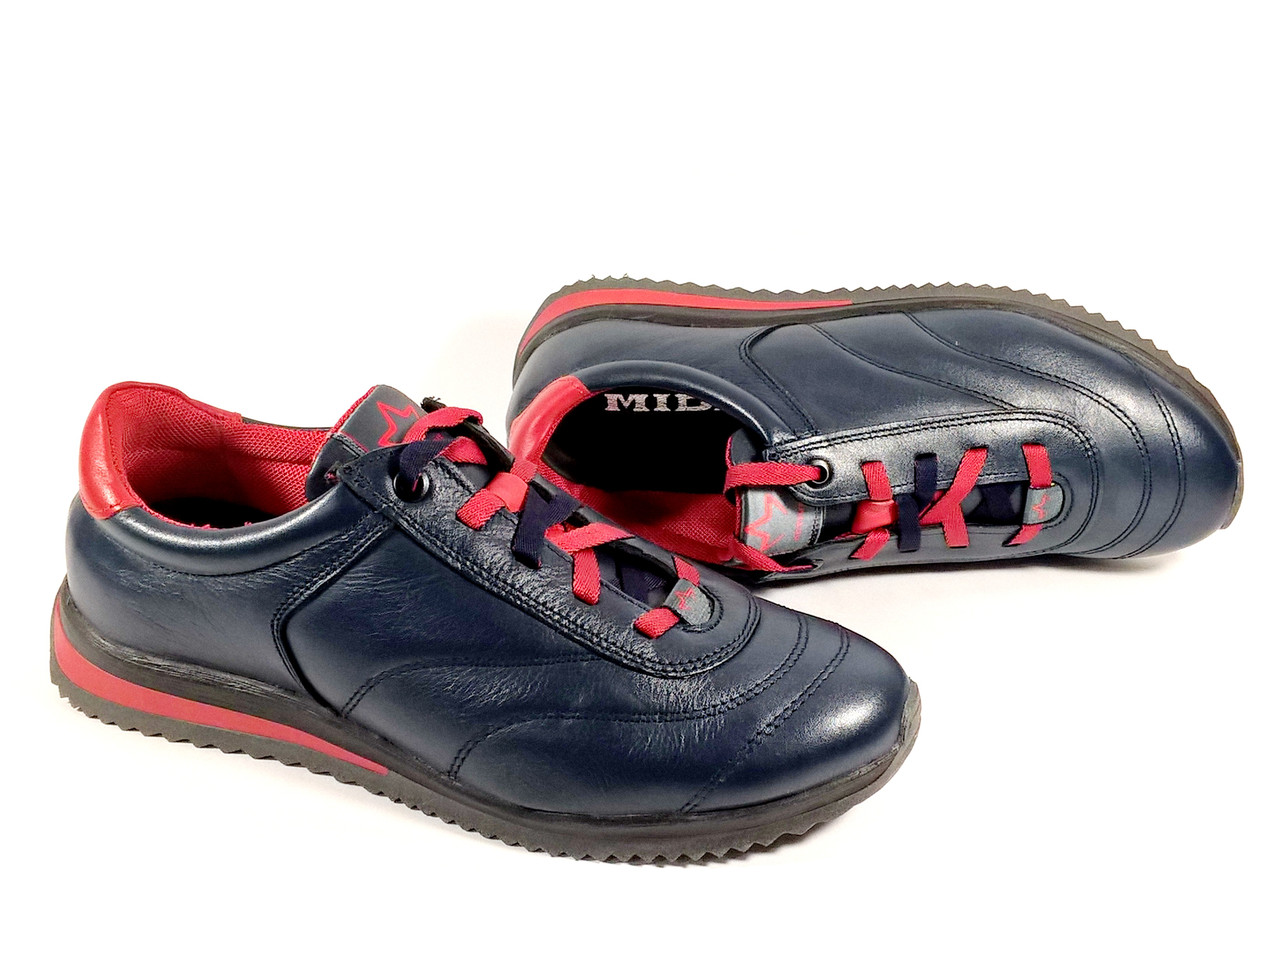 bff2ae46 Детские кроссовки Мида 31261 синие, натуральная кожа - интернет-магазин